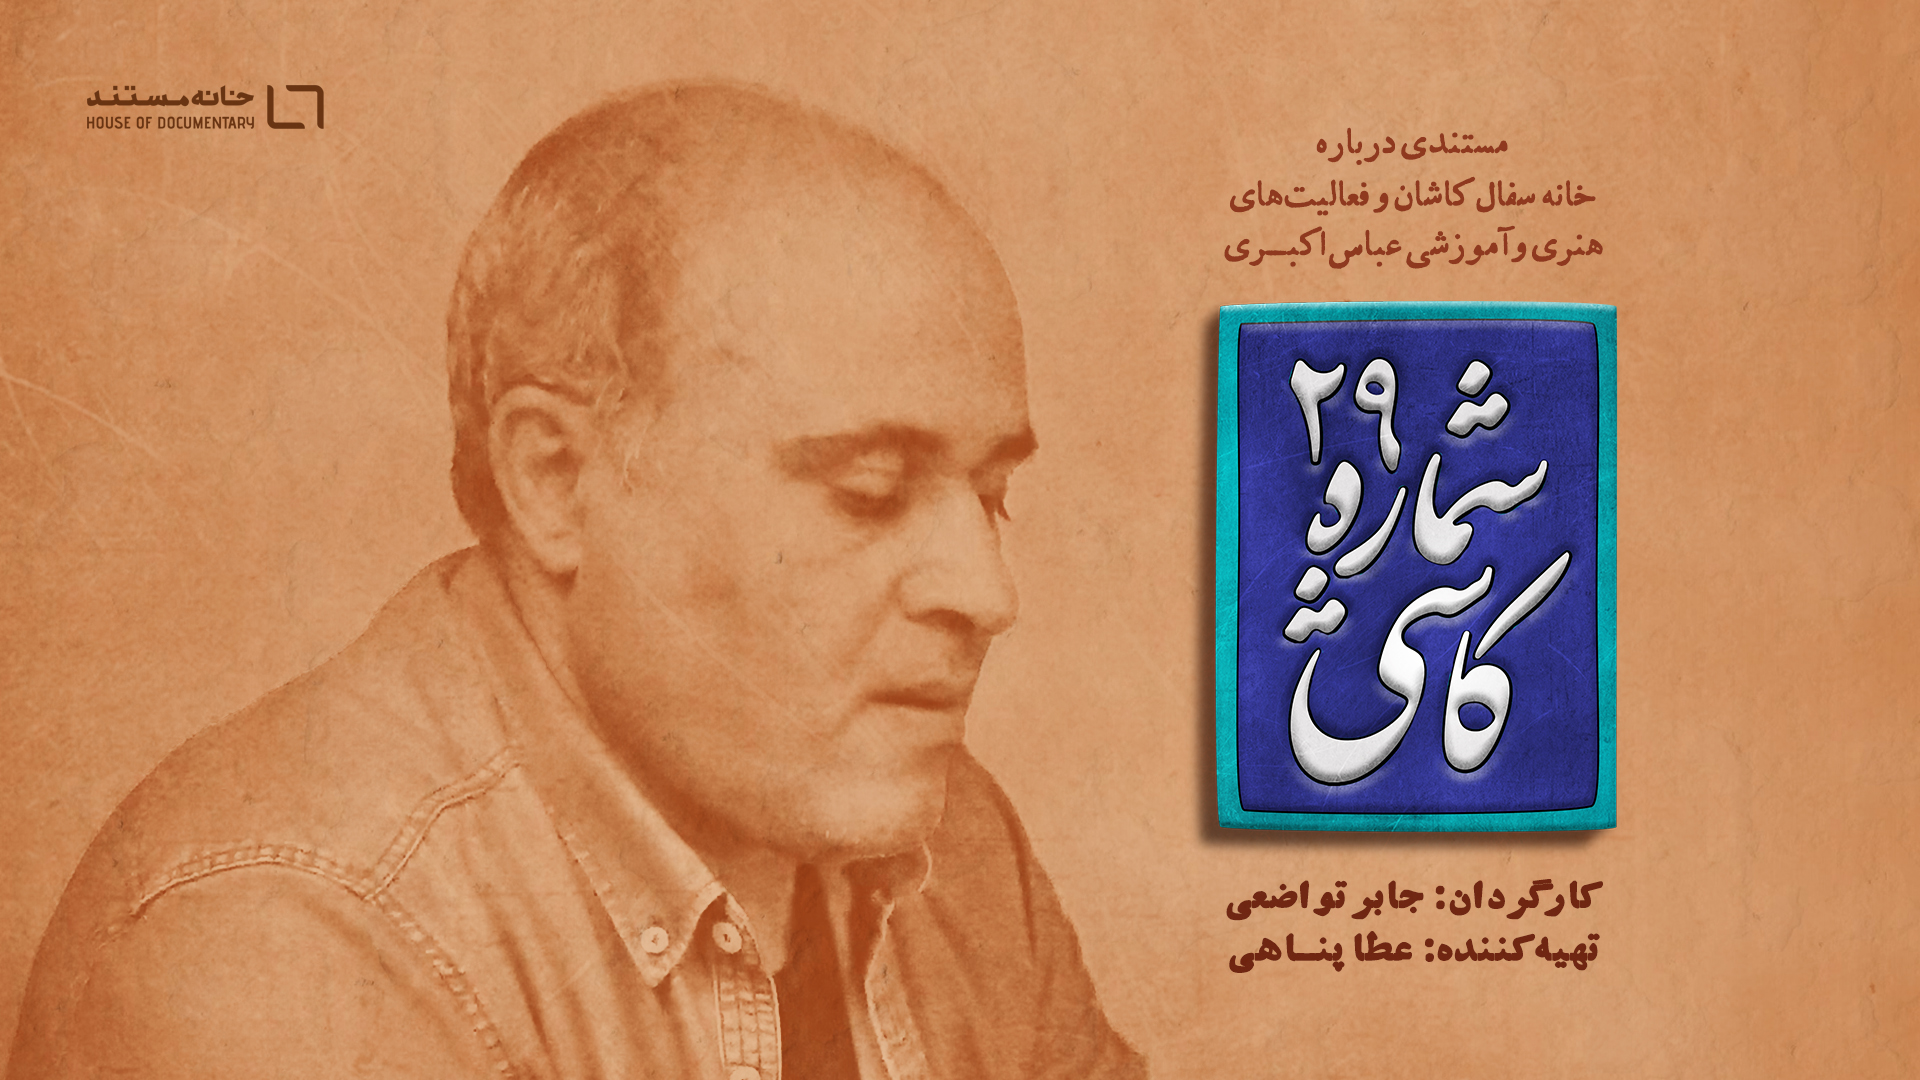 اکران آنلاین «کاشی شماره 29» در پلتفرم هاشور